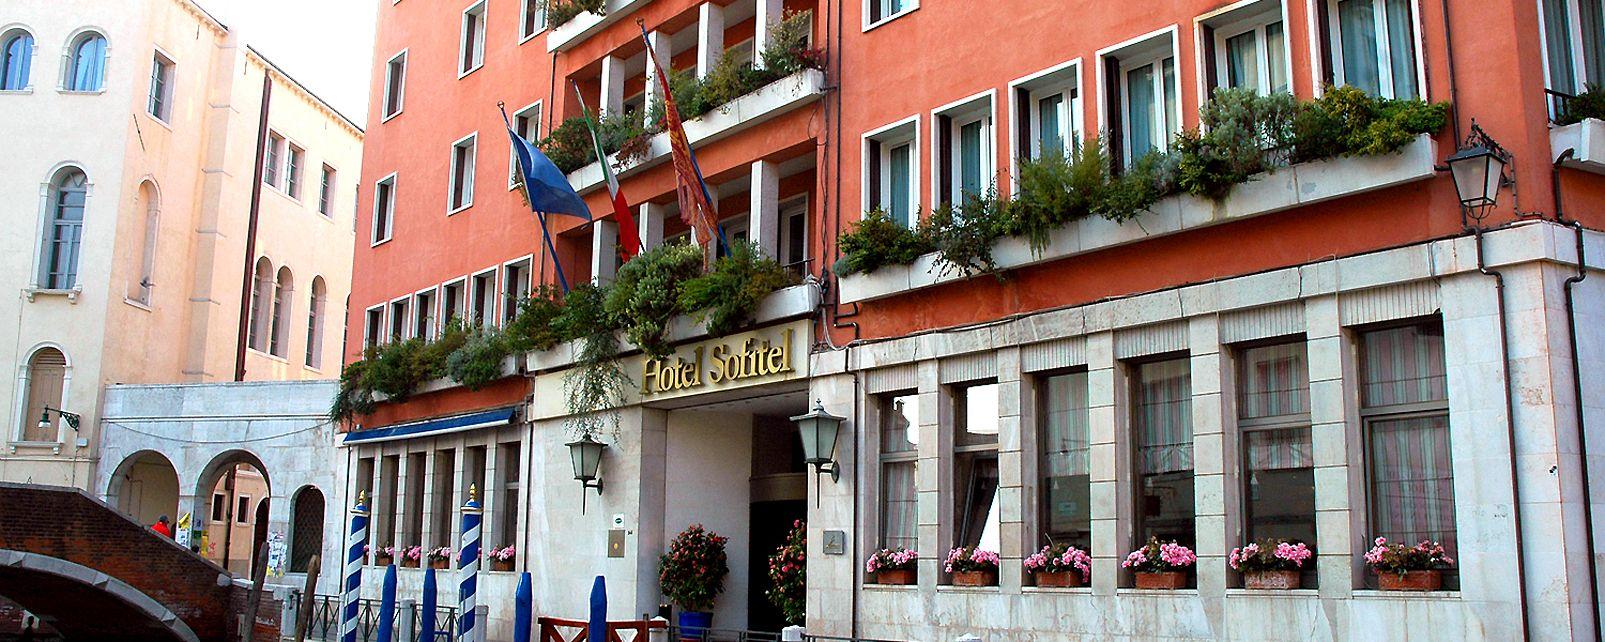 Hôtel Sofitel Venise